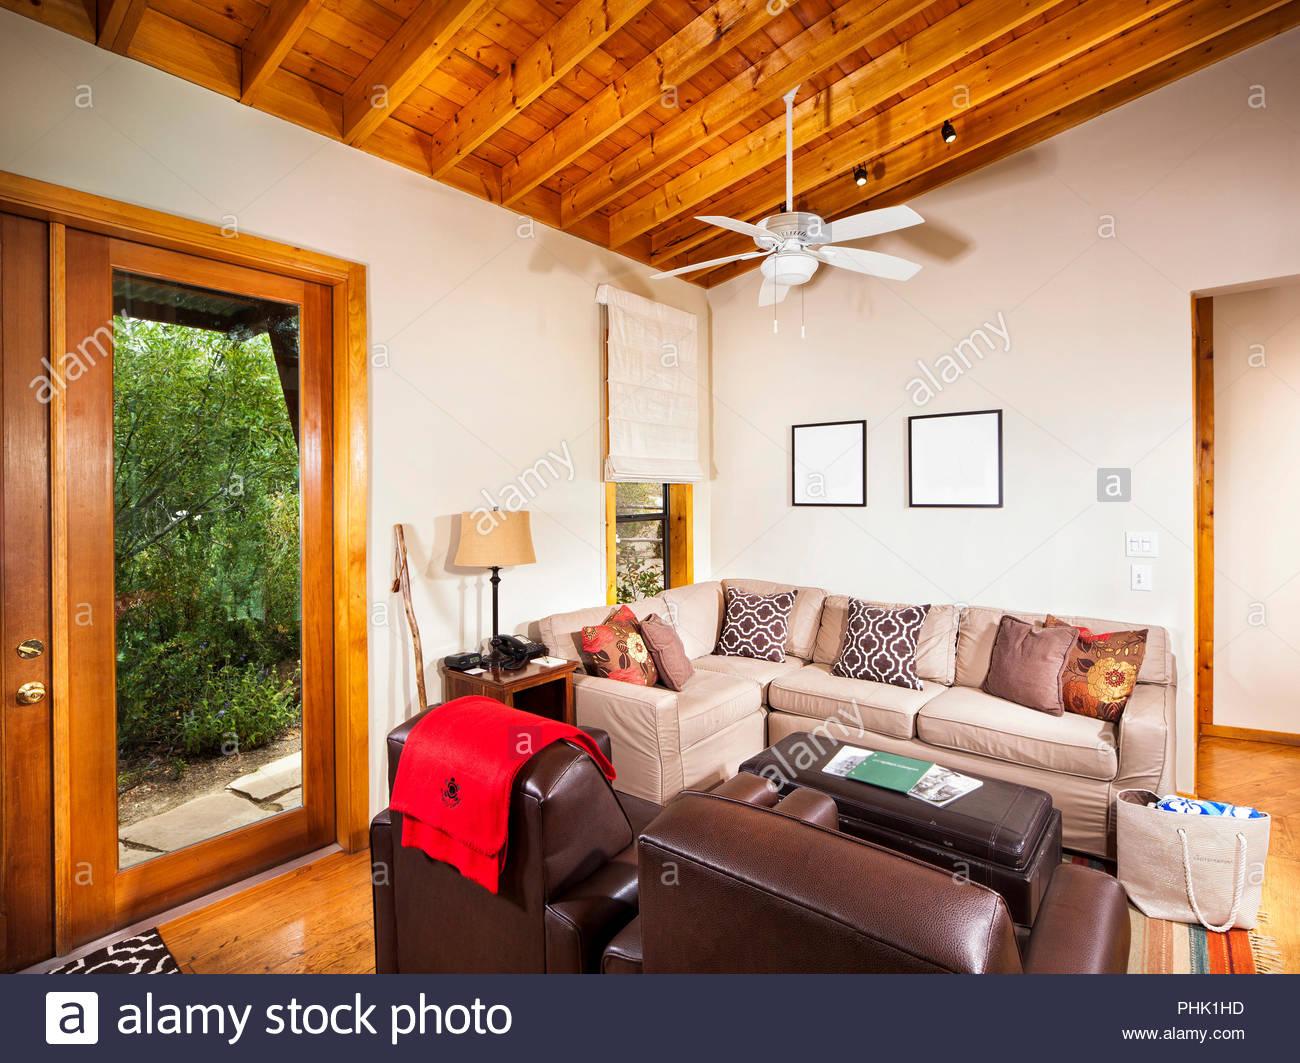 Wohnzimmer mit Holzdecke Stockbild